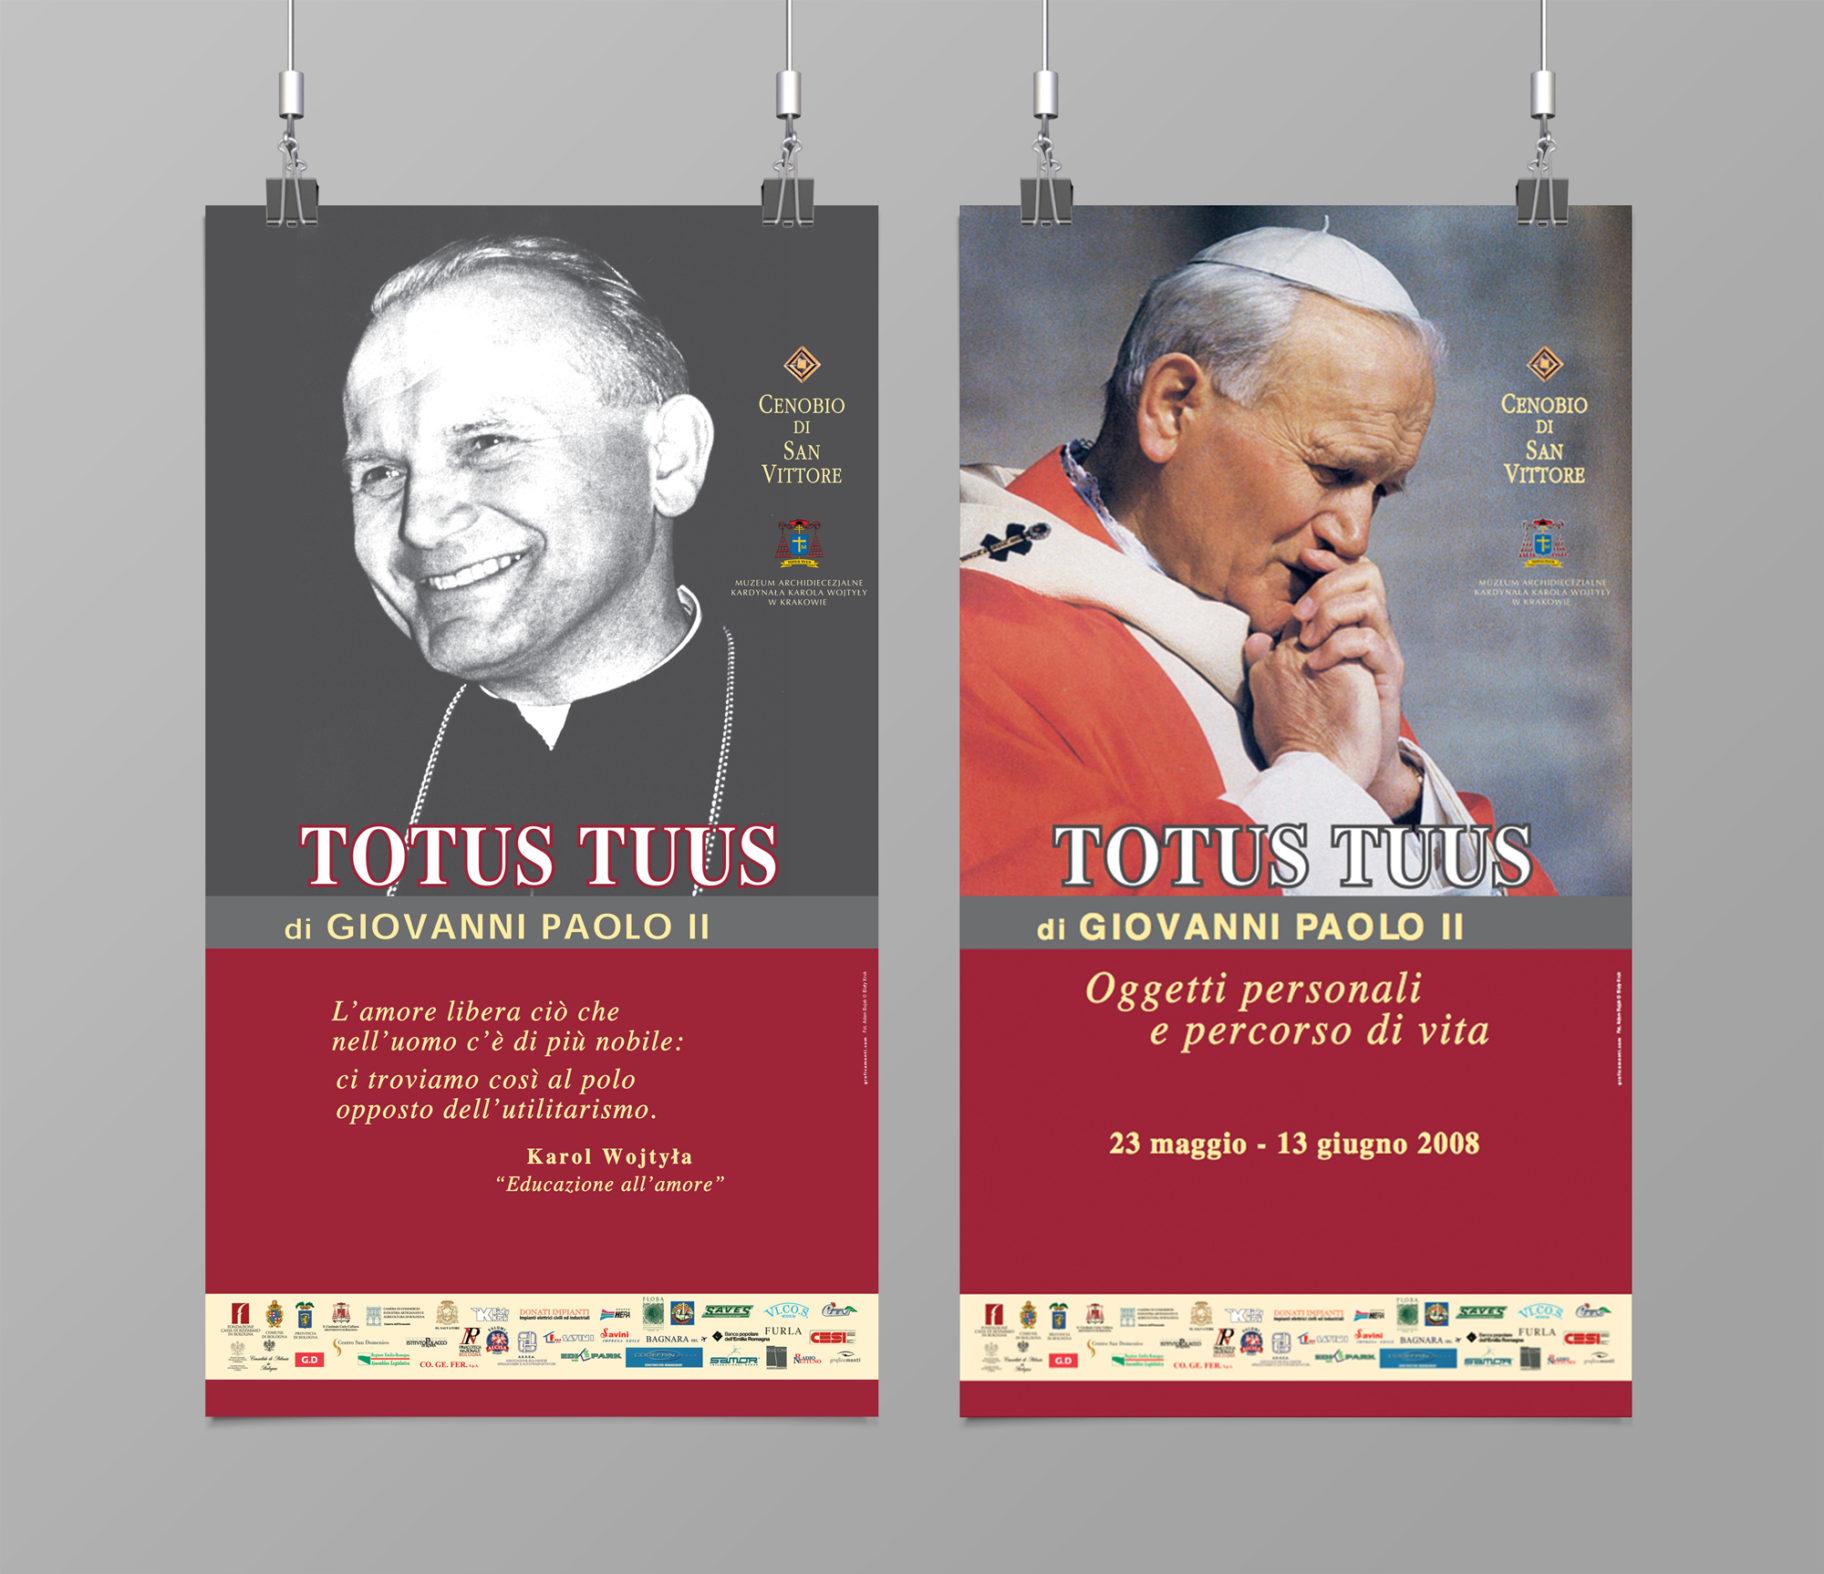 Cenobio-di-San-Vittore-Totus-Tuus-Poster-02